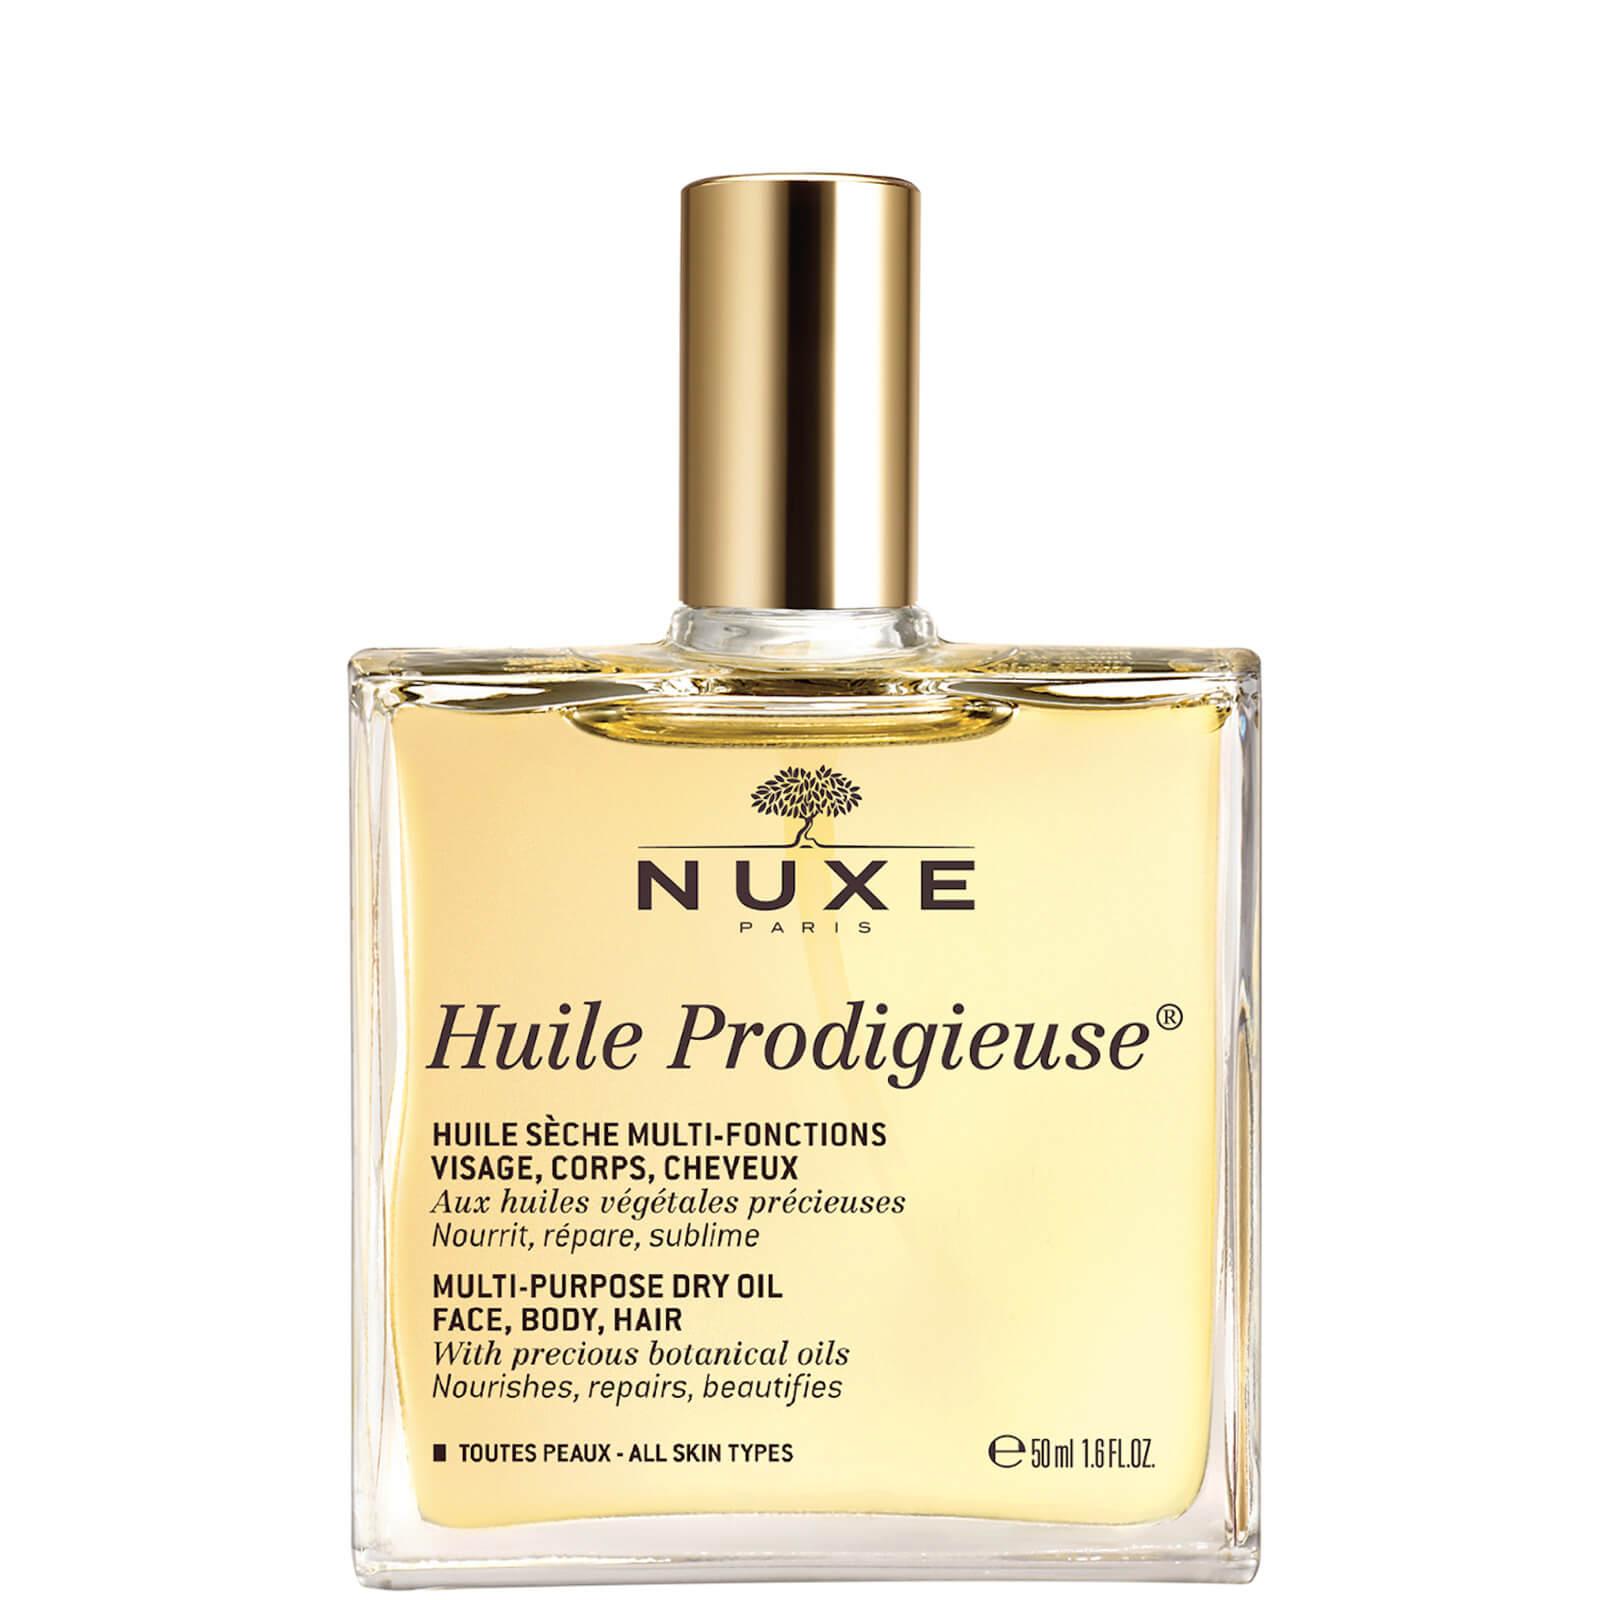 NUXE olio secco multifunzione Huile Prodigieuse 50 ml